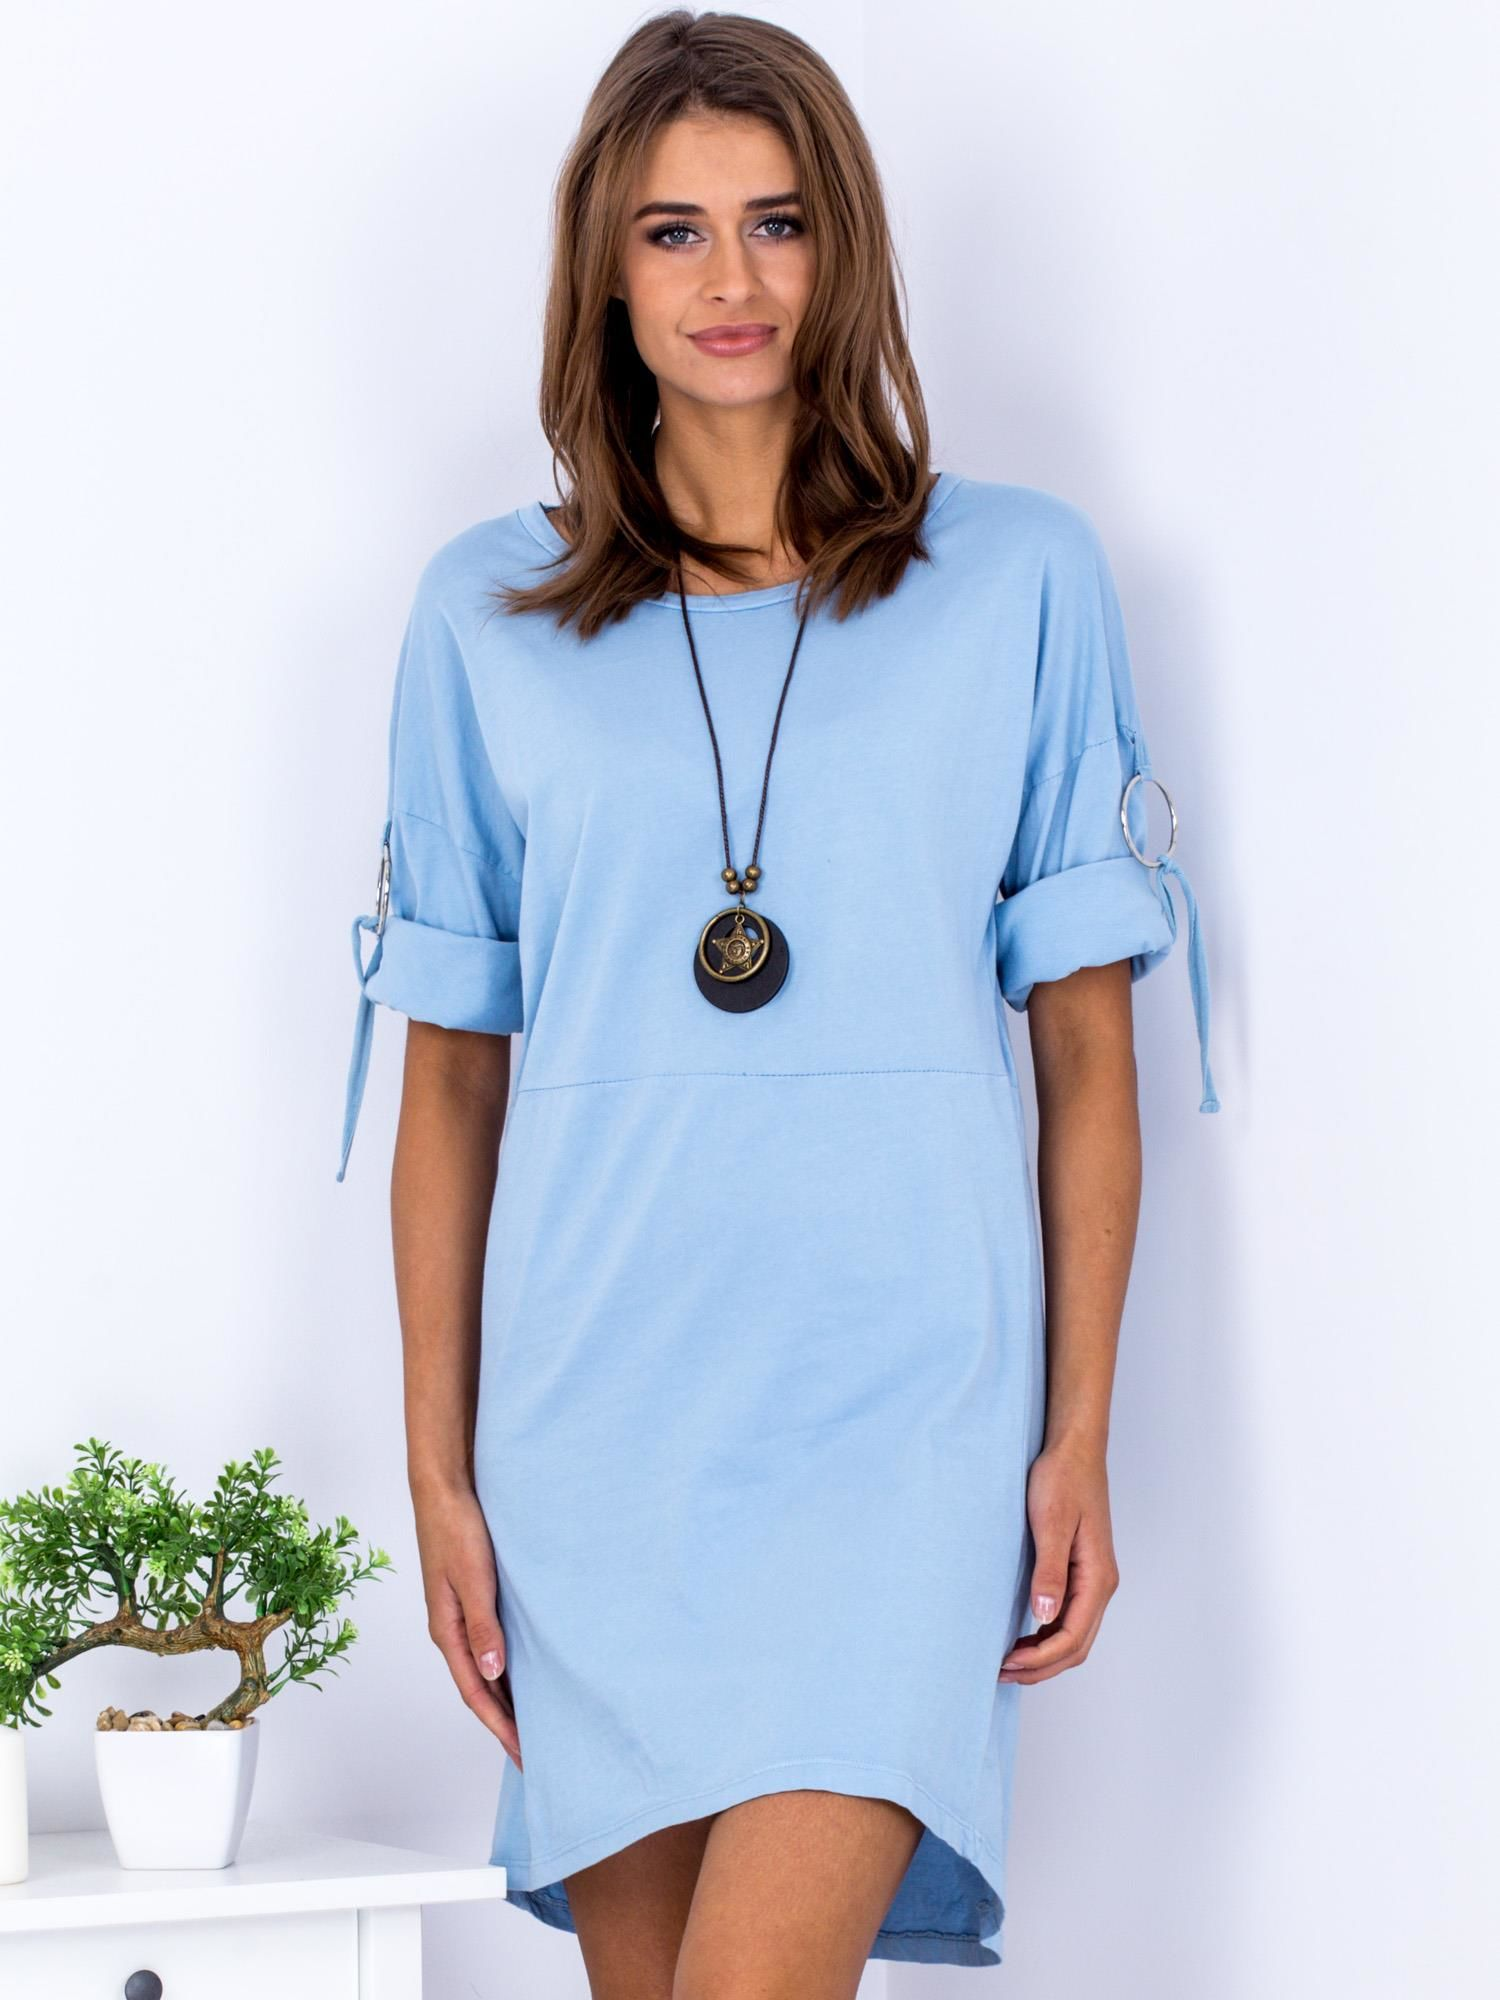 a0d82fa82dba10 Sukienka jasnoniebieska z naszyjnikiem i podwijanymi rękawami - Akcesoria  naszyjnik - sklep eButik.pl